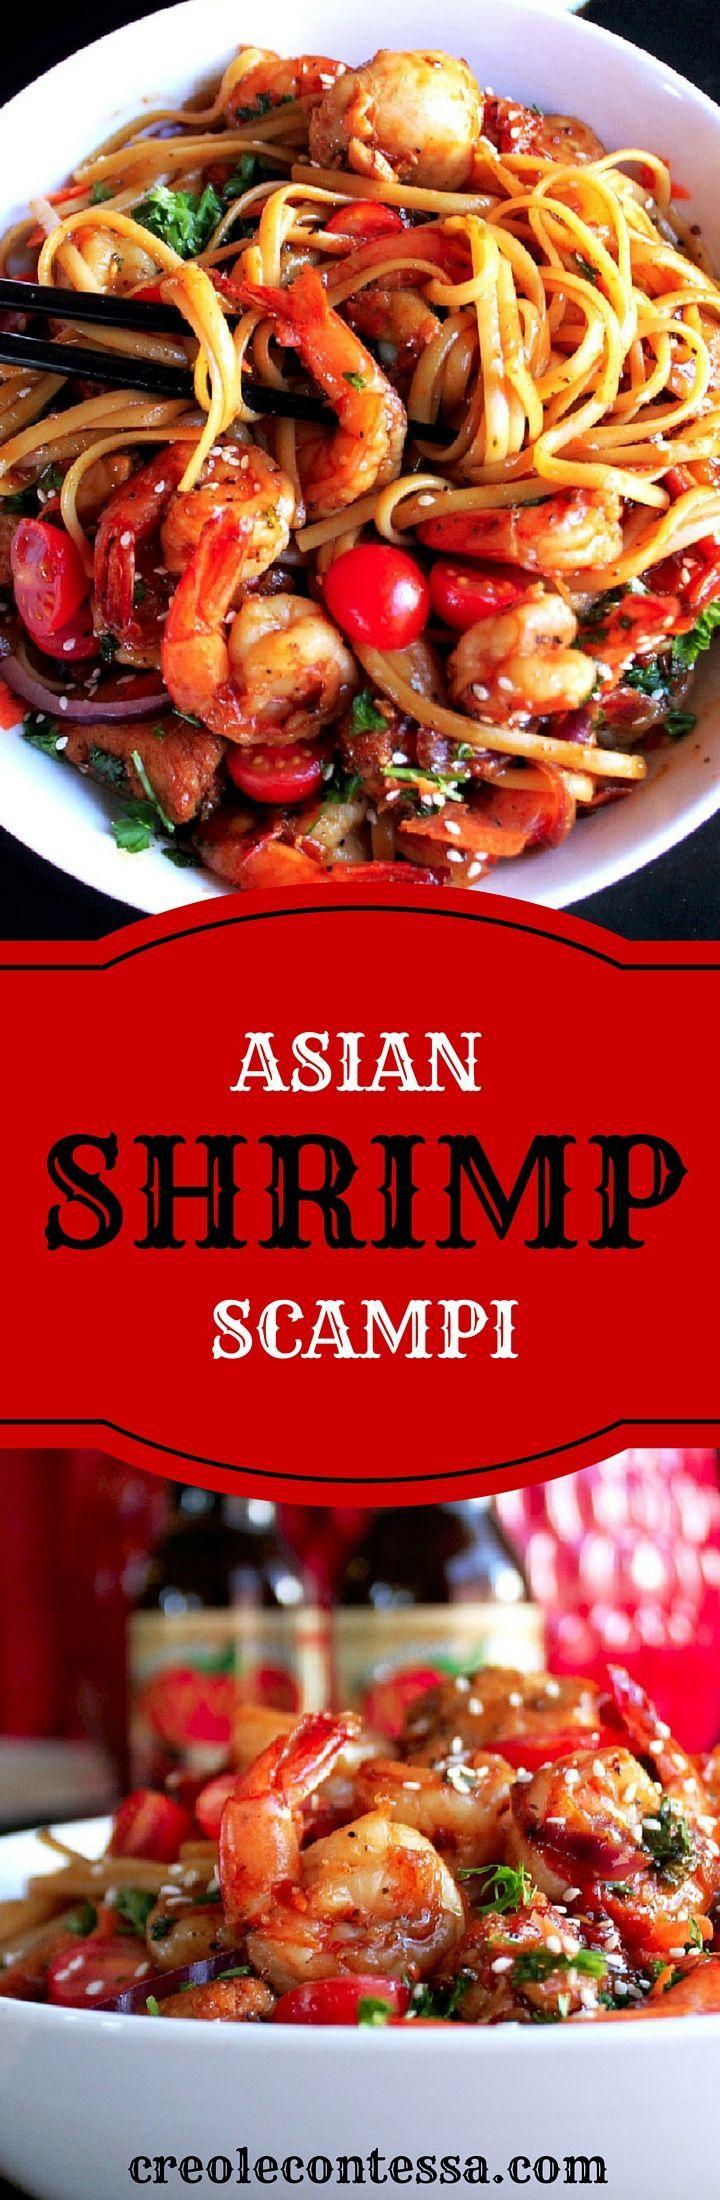 #scampicreole #contessa #chicken #shrimp #asian #bbq